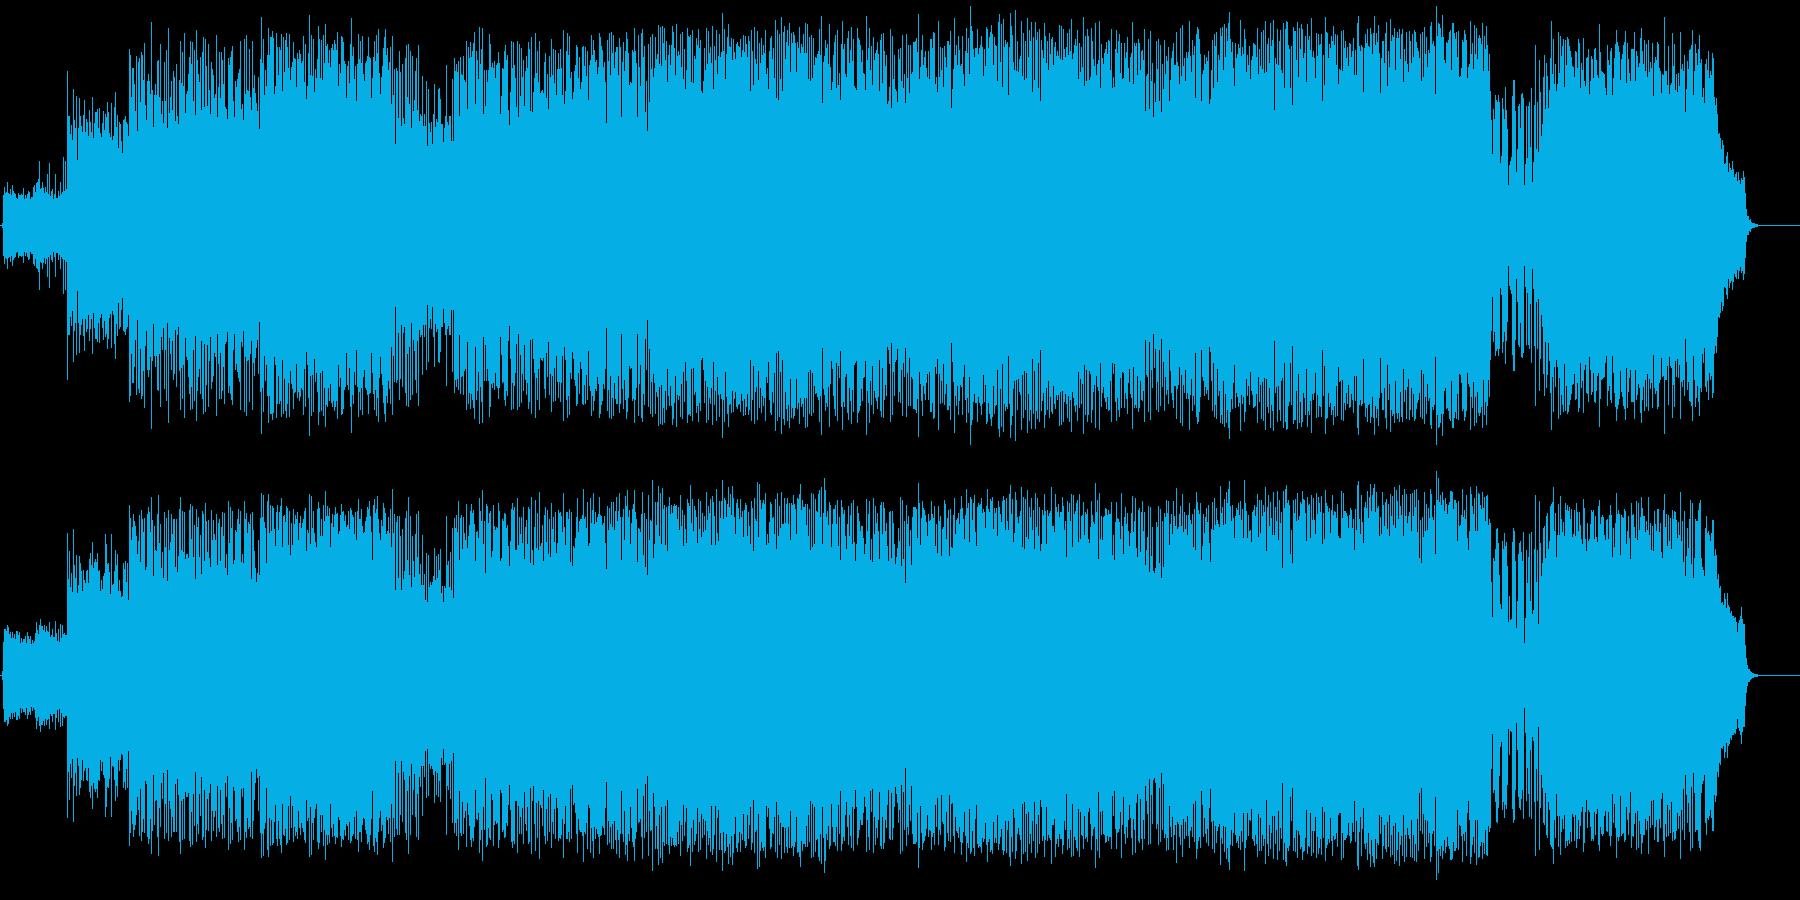 トワイライトエレクトリックサウンドの再生済みの波形